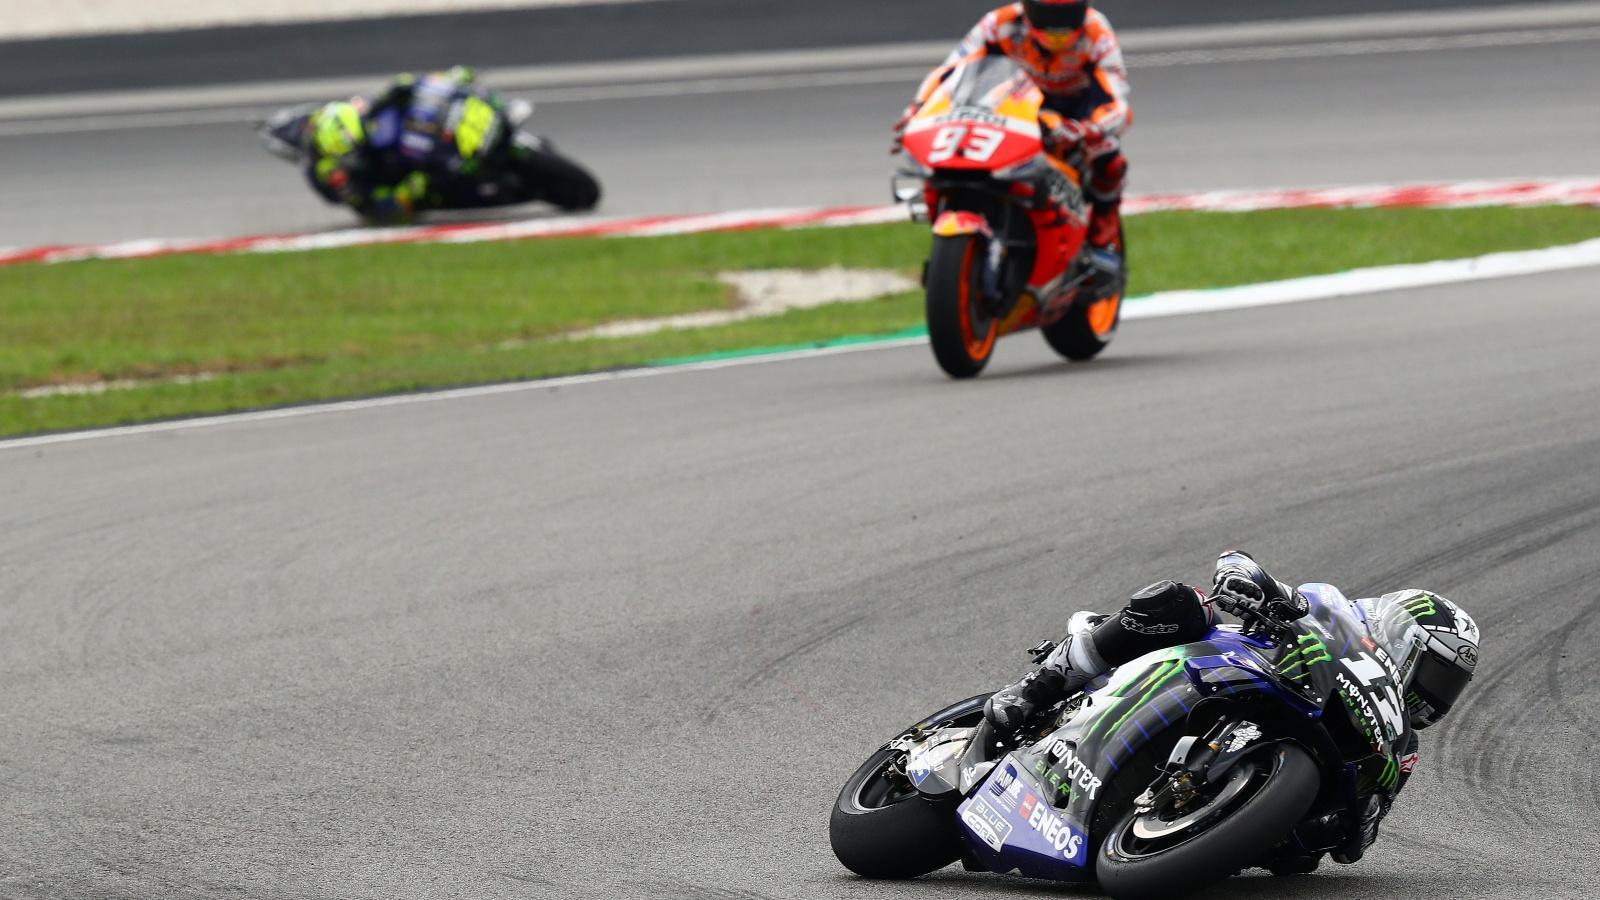 Píldoras MotoGP Malasia 2019: El prólogo, el tercer apellido y el fugitivo